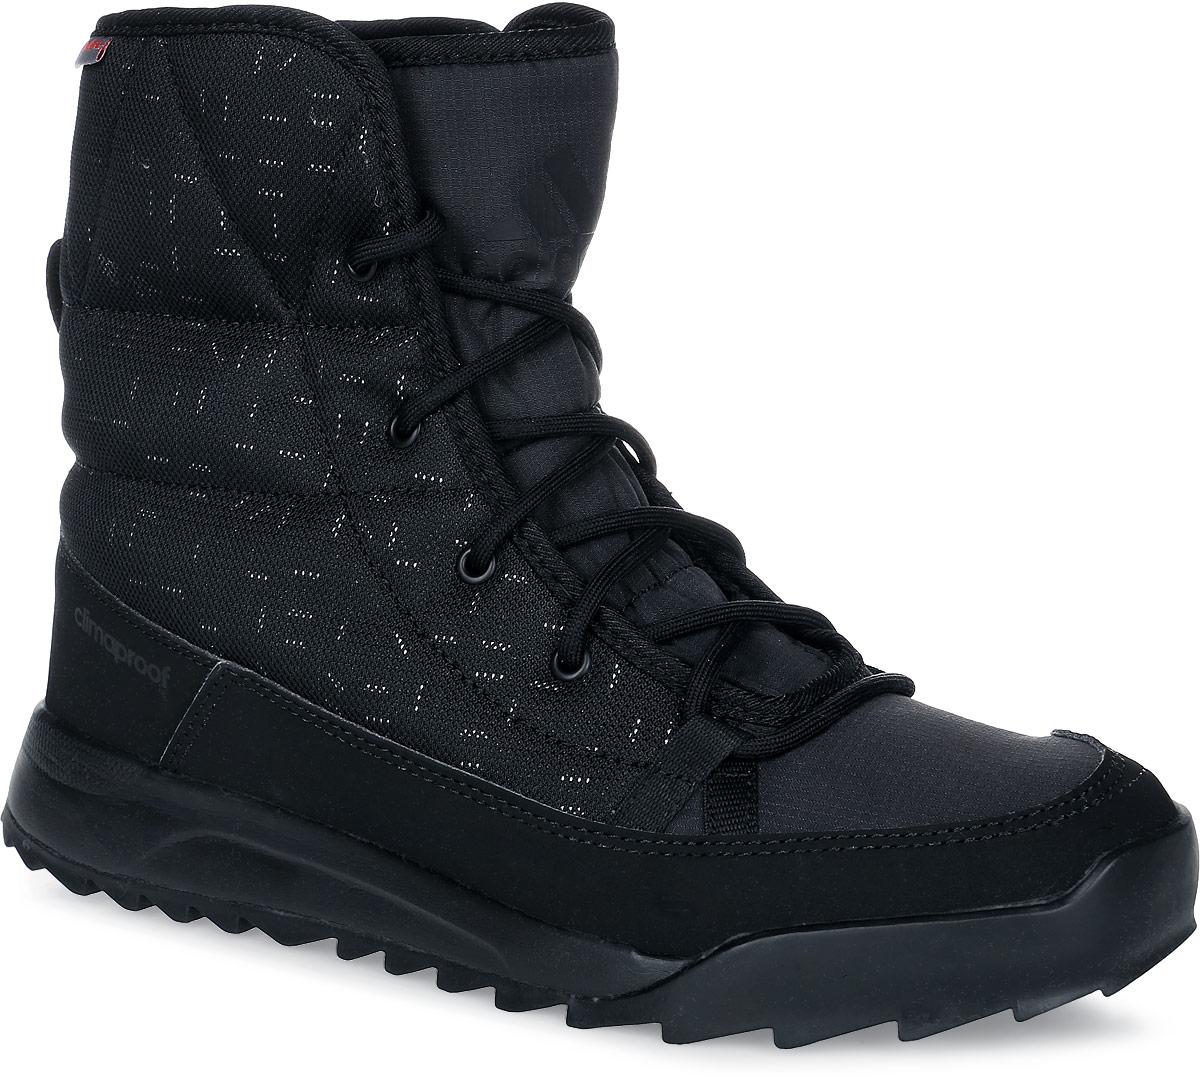 БотинкиAQ4261Женские туристические ботинки CW Choleah Padded C от adidas, выполненные из водонепроницаемого материала Climaproof с утеплителем PrimaLoft сохранят ваши ноги в тепле и сухости на заснеженных тропах и холодных улицах. Высокотехнологичный синтетический наполнитель PrimaLoft продолжает греть даже во влажном состоянии. Текстильный верх со светоотражающим принтом и дизайн адаптирован под особенности женской стопы. Модель дополнена вставками из синтетических материалов для износостойкости. Резиновая подошва Traxion с глубоким протектором для оптимального сцепления сохраняет свои свойства в течение долгого времени.